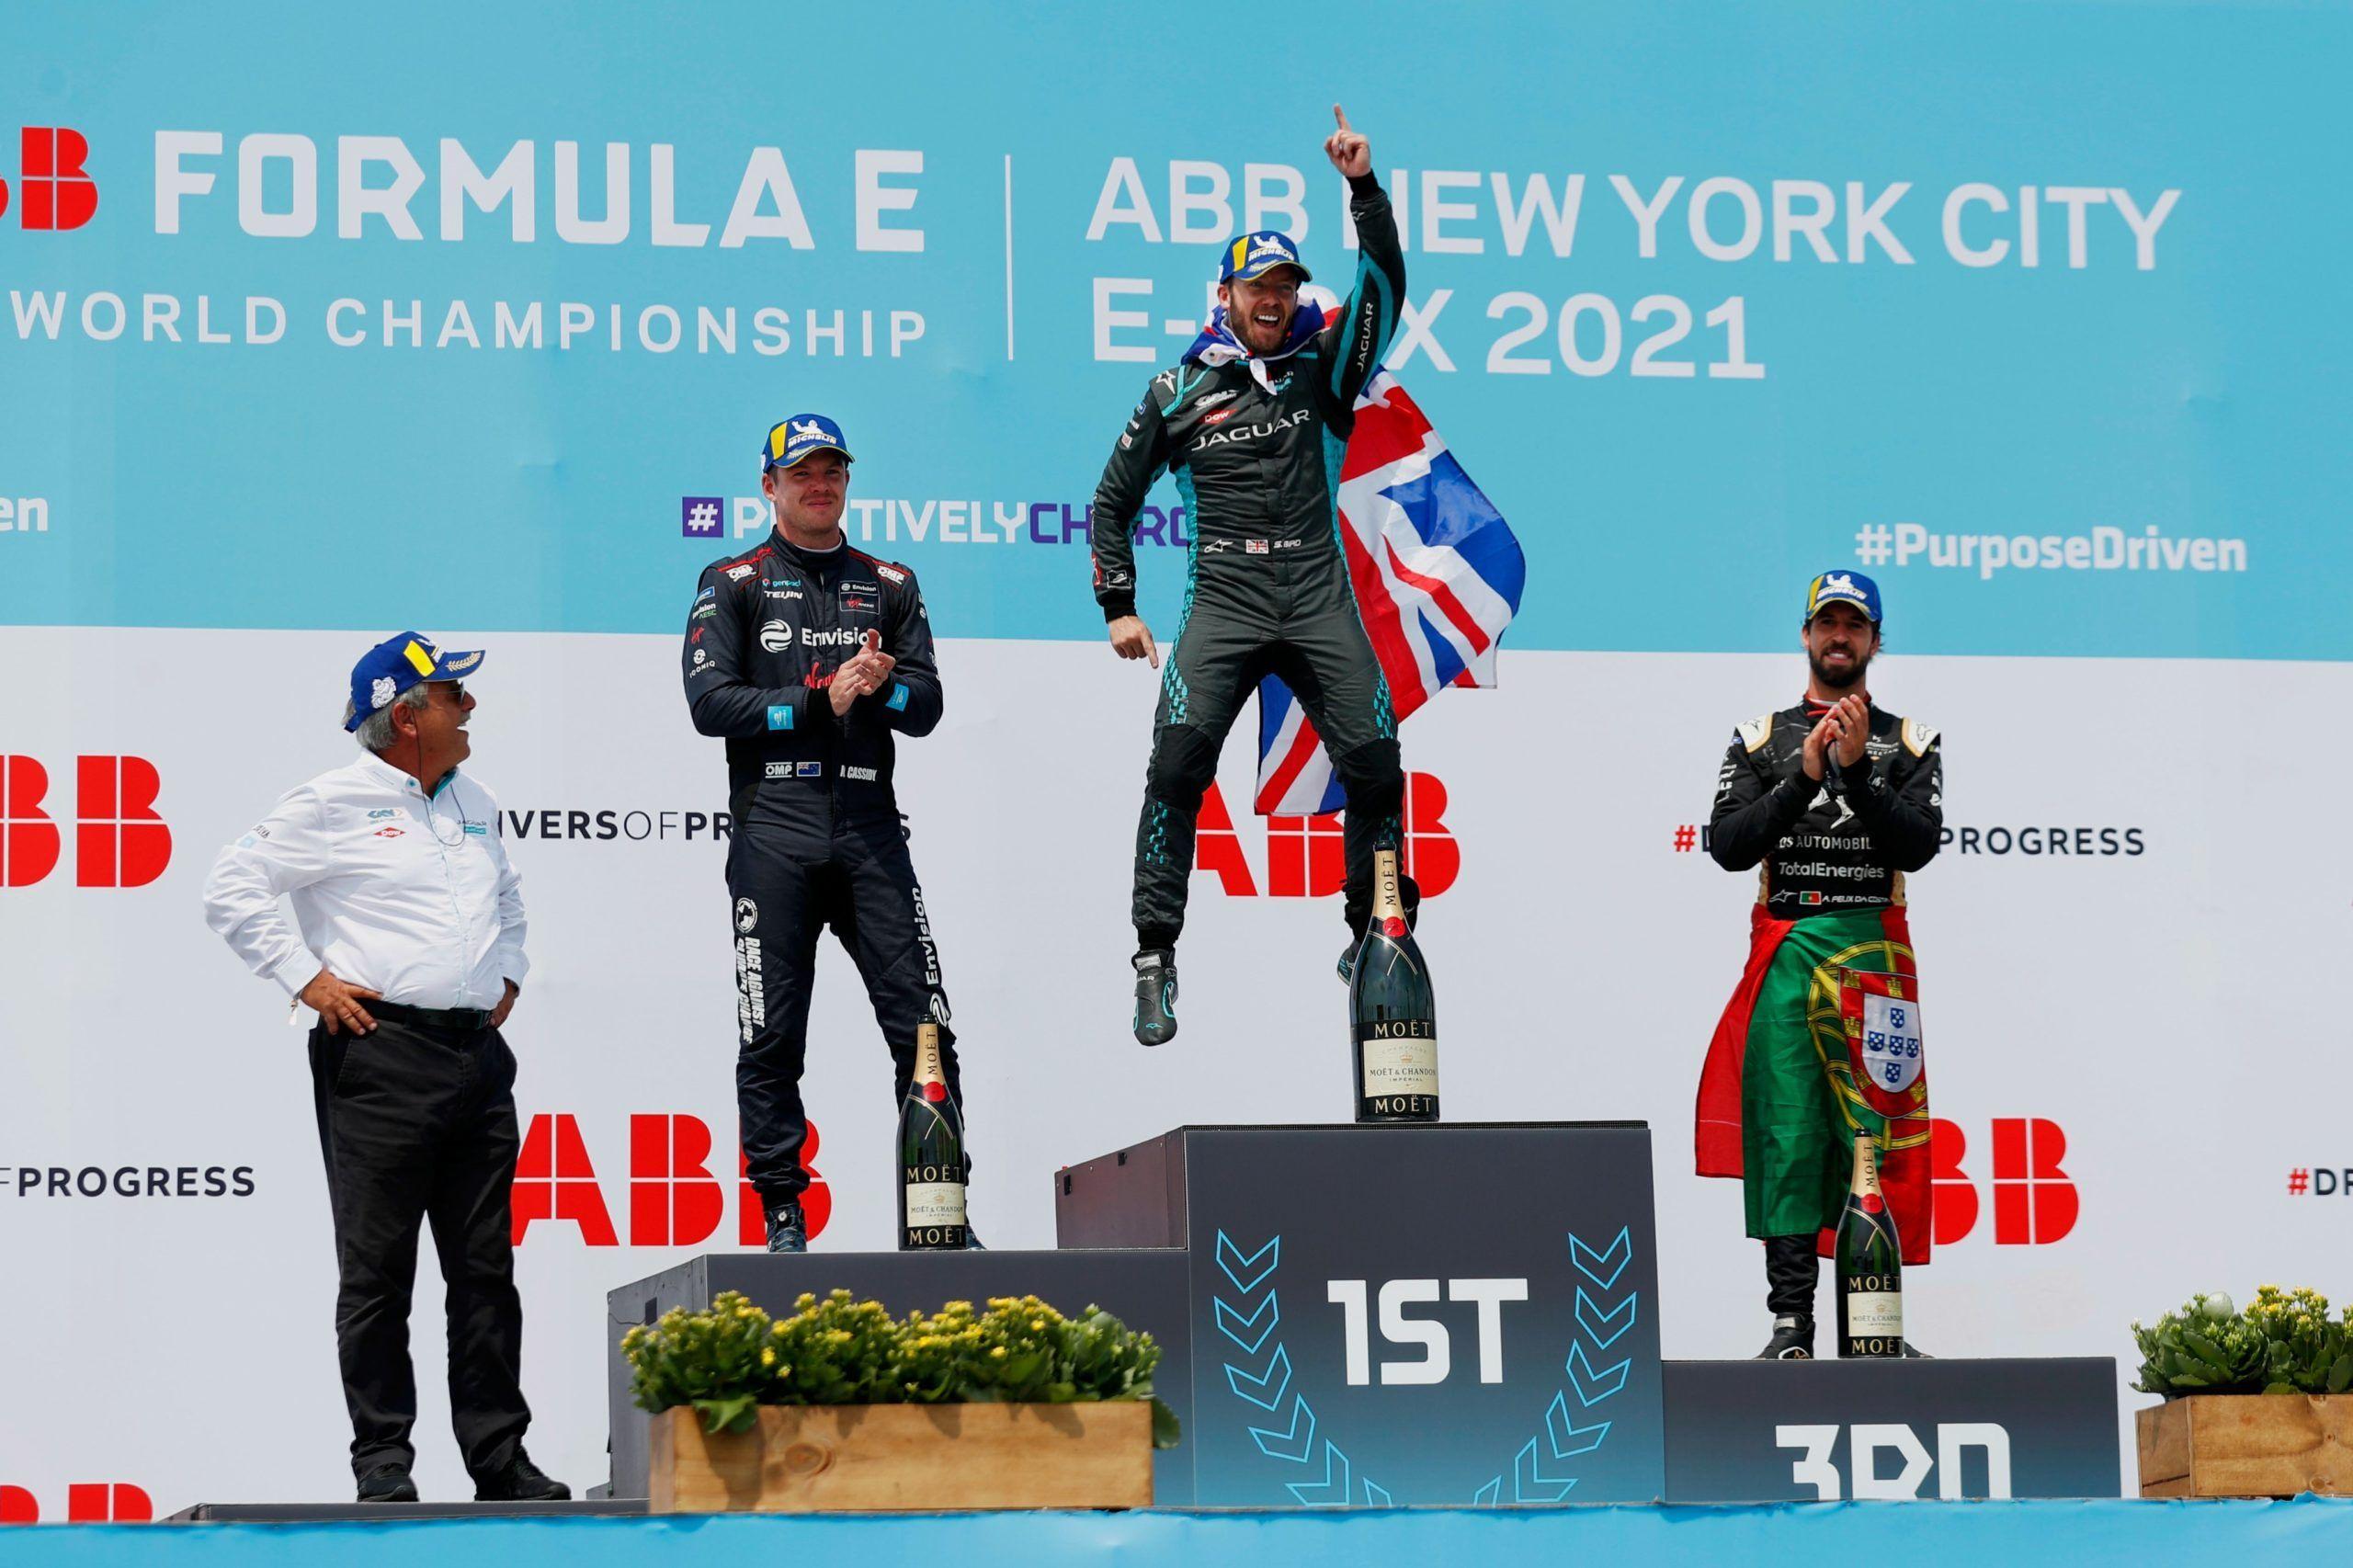 Nueva York E - Prix. Fórmula E.